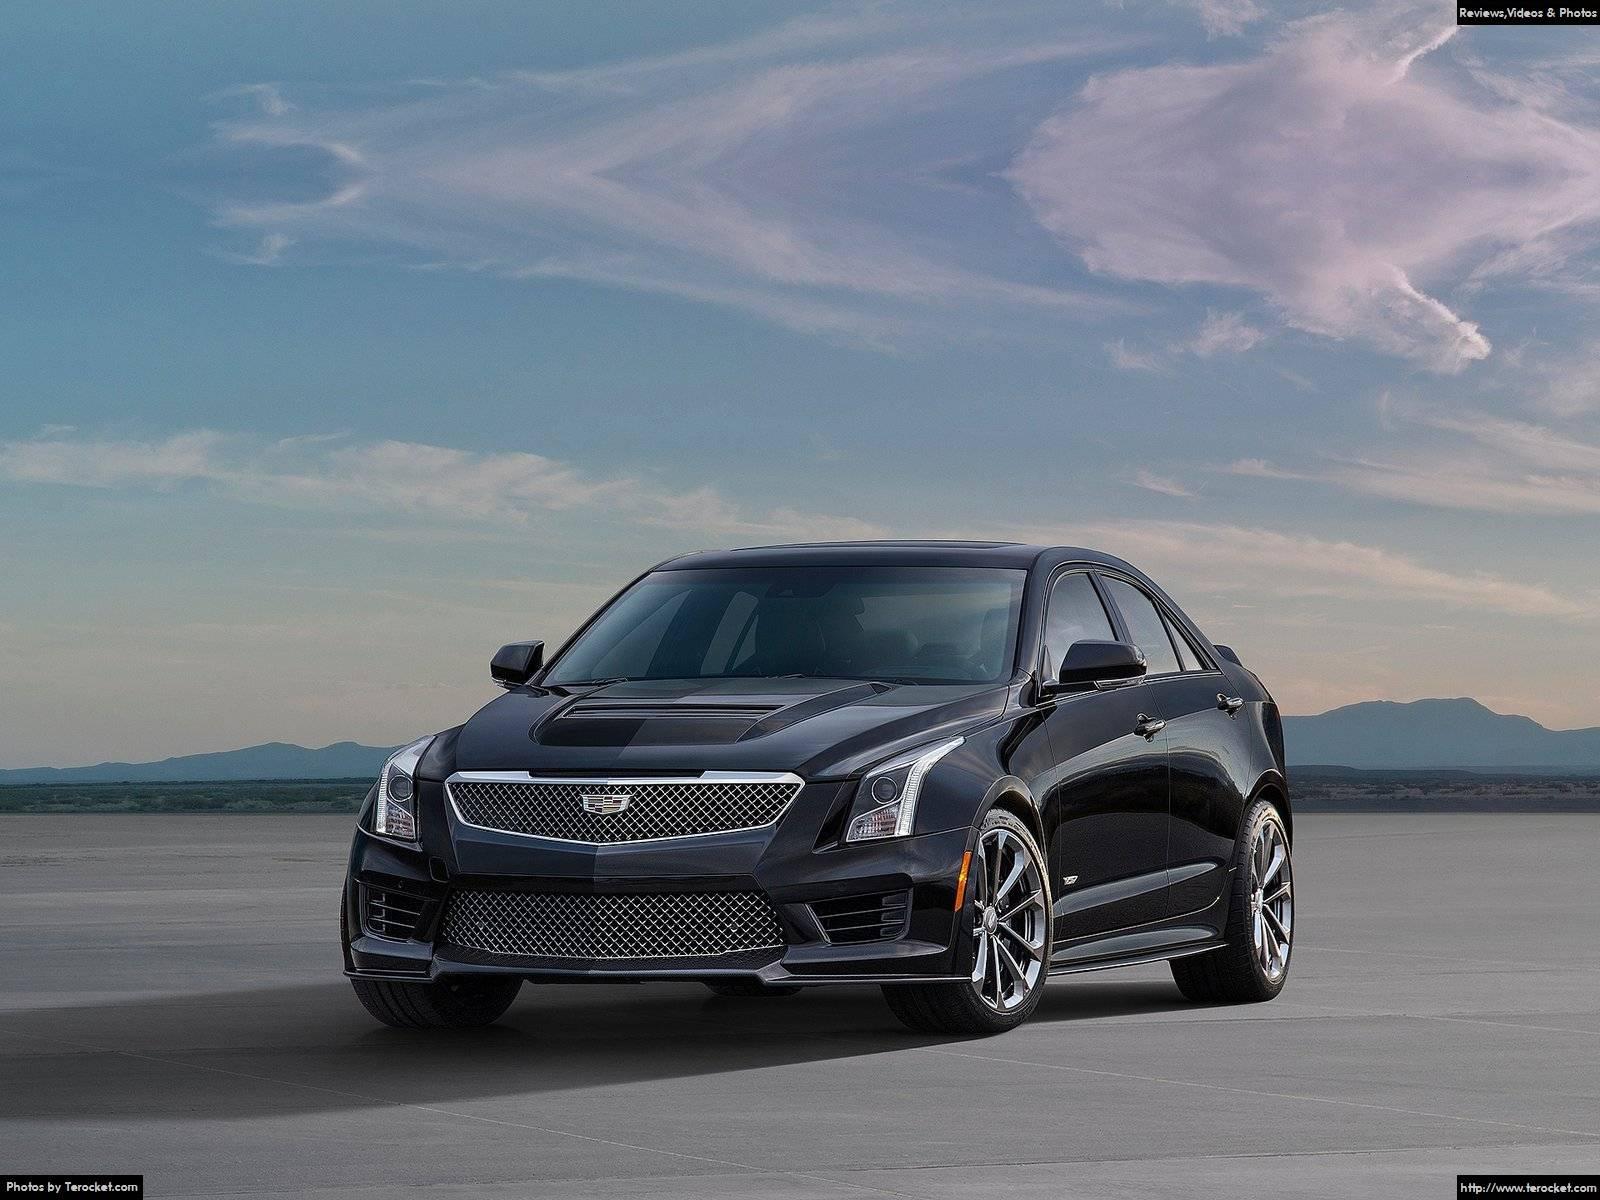 Hình ảnh xe ô tô Cadillac ATS-V Sedan 2016 & nội ngoại thất